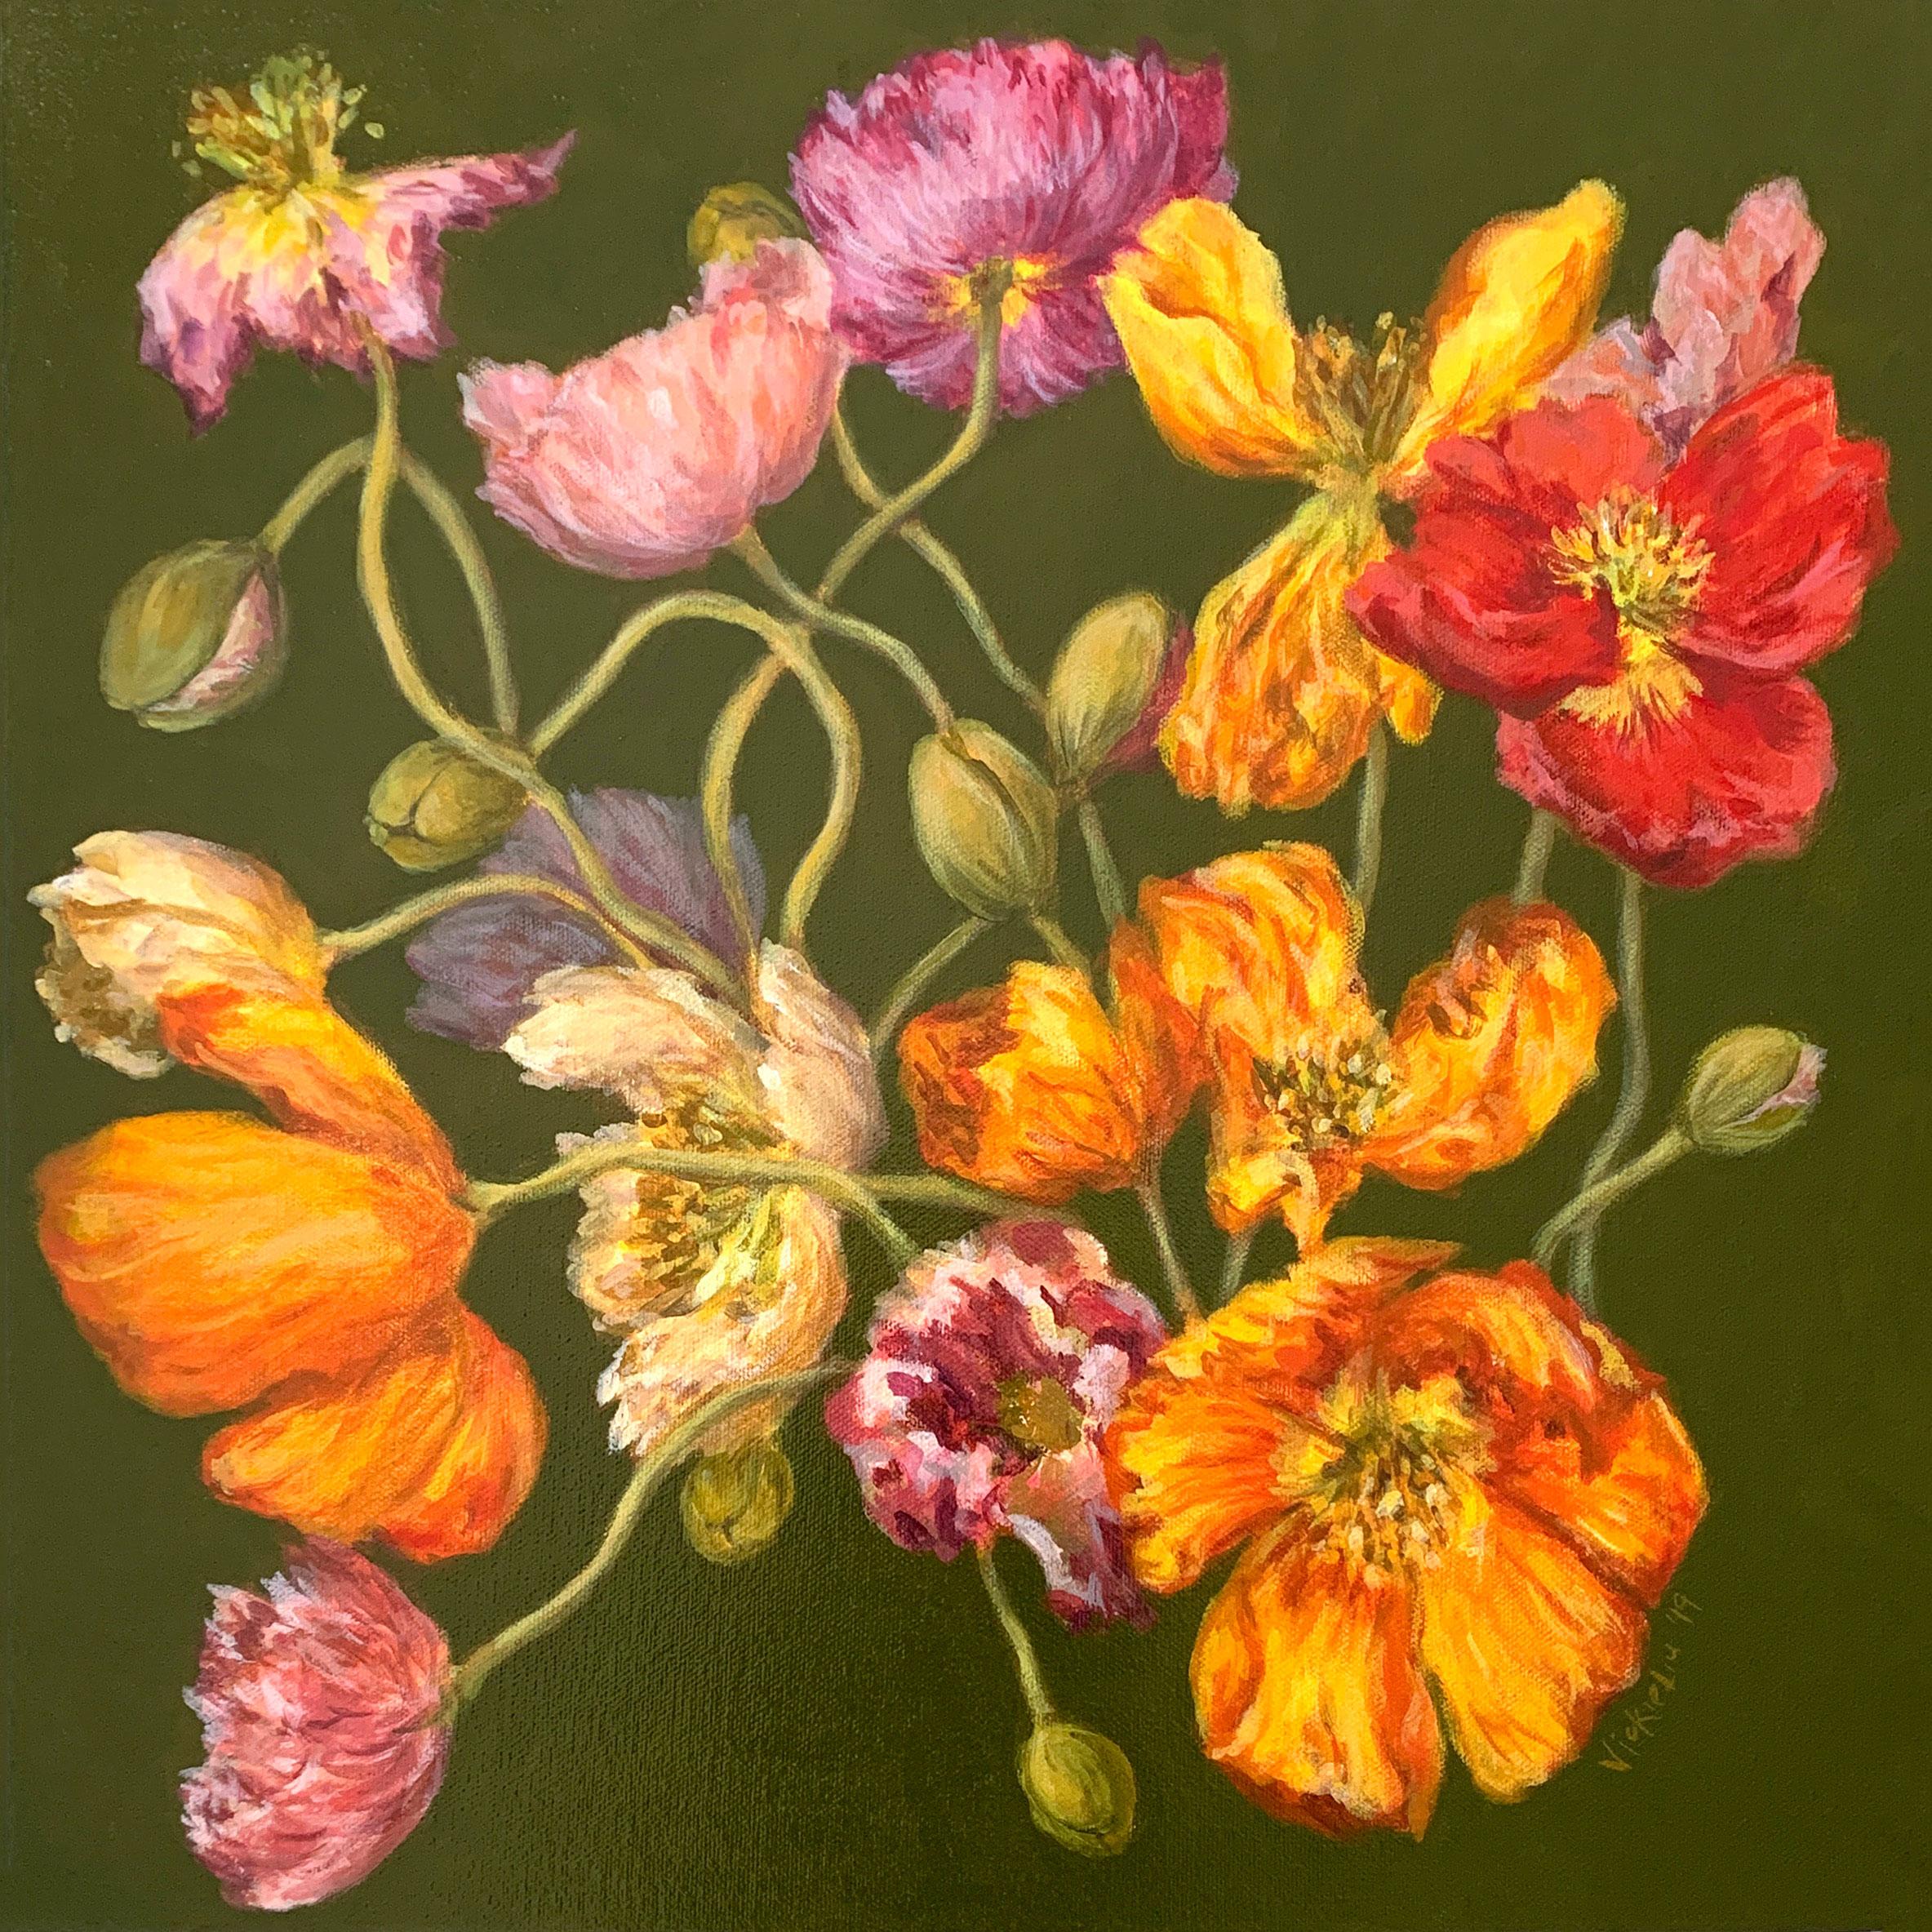 Vickie Liu Spring Poppies 45×45